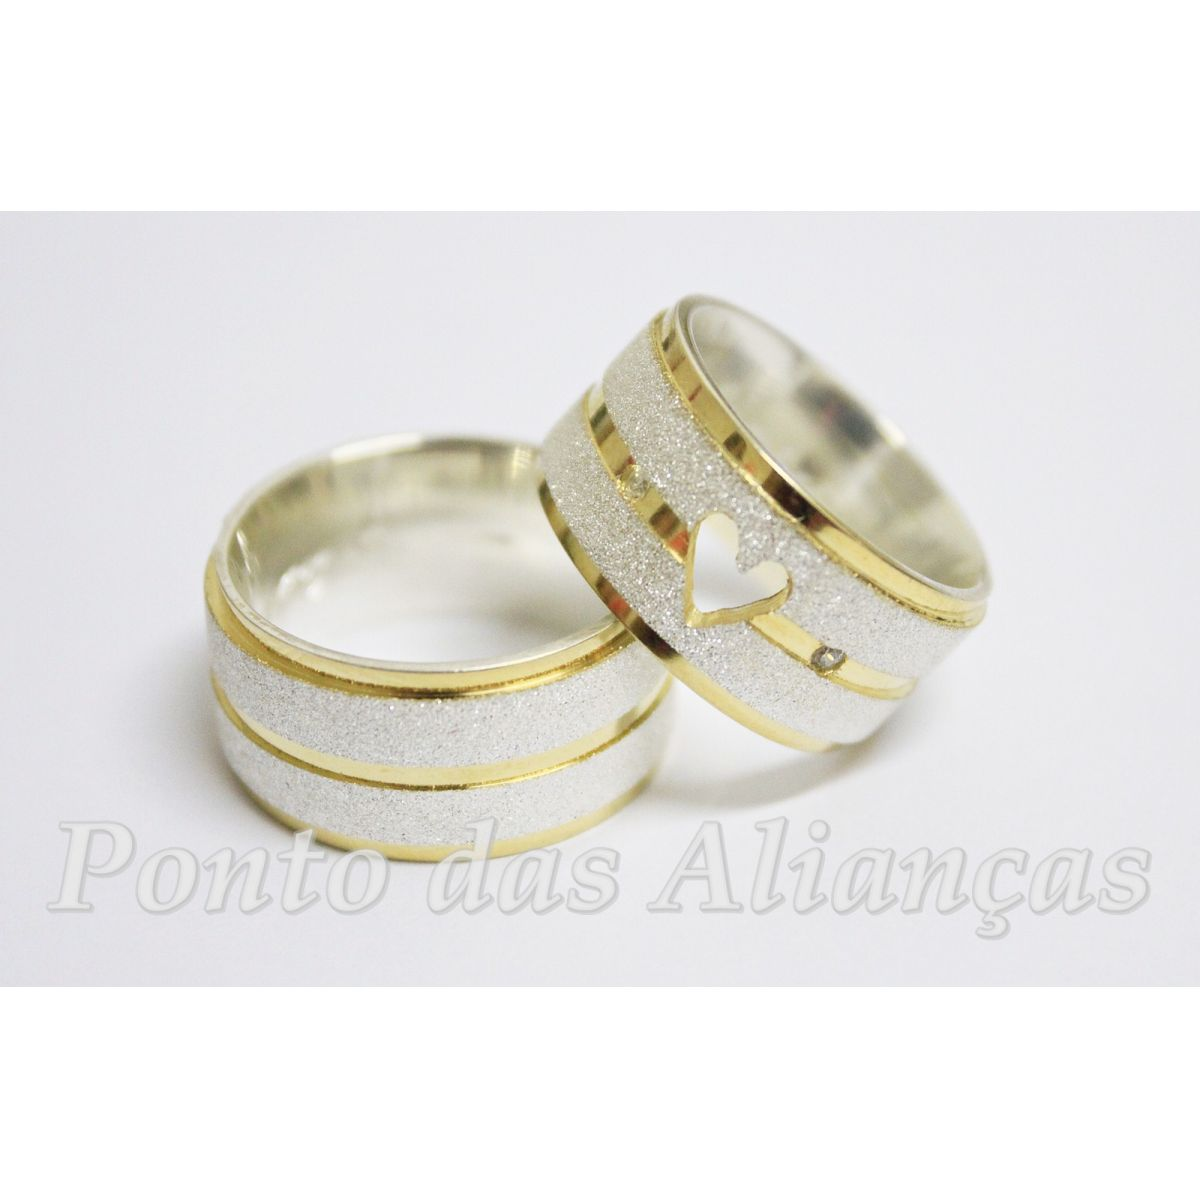 Alianças de Prata Compromisso ou Noivado - 3021